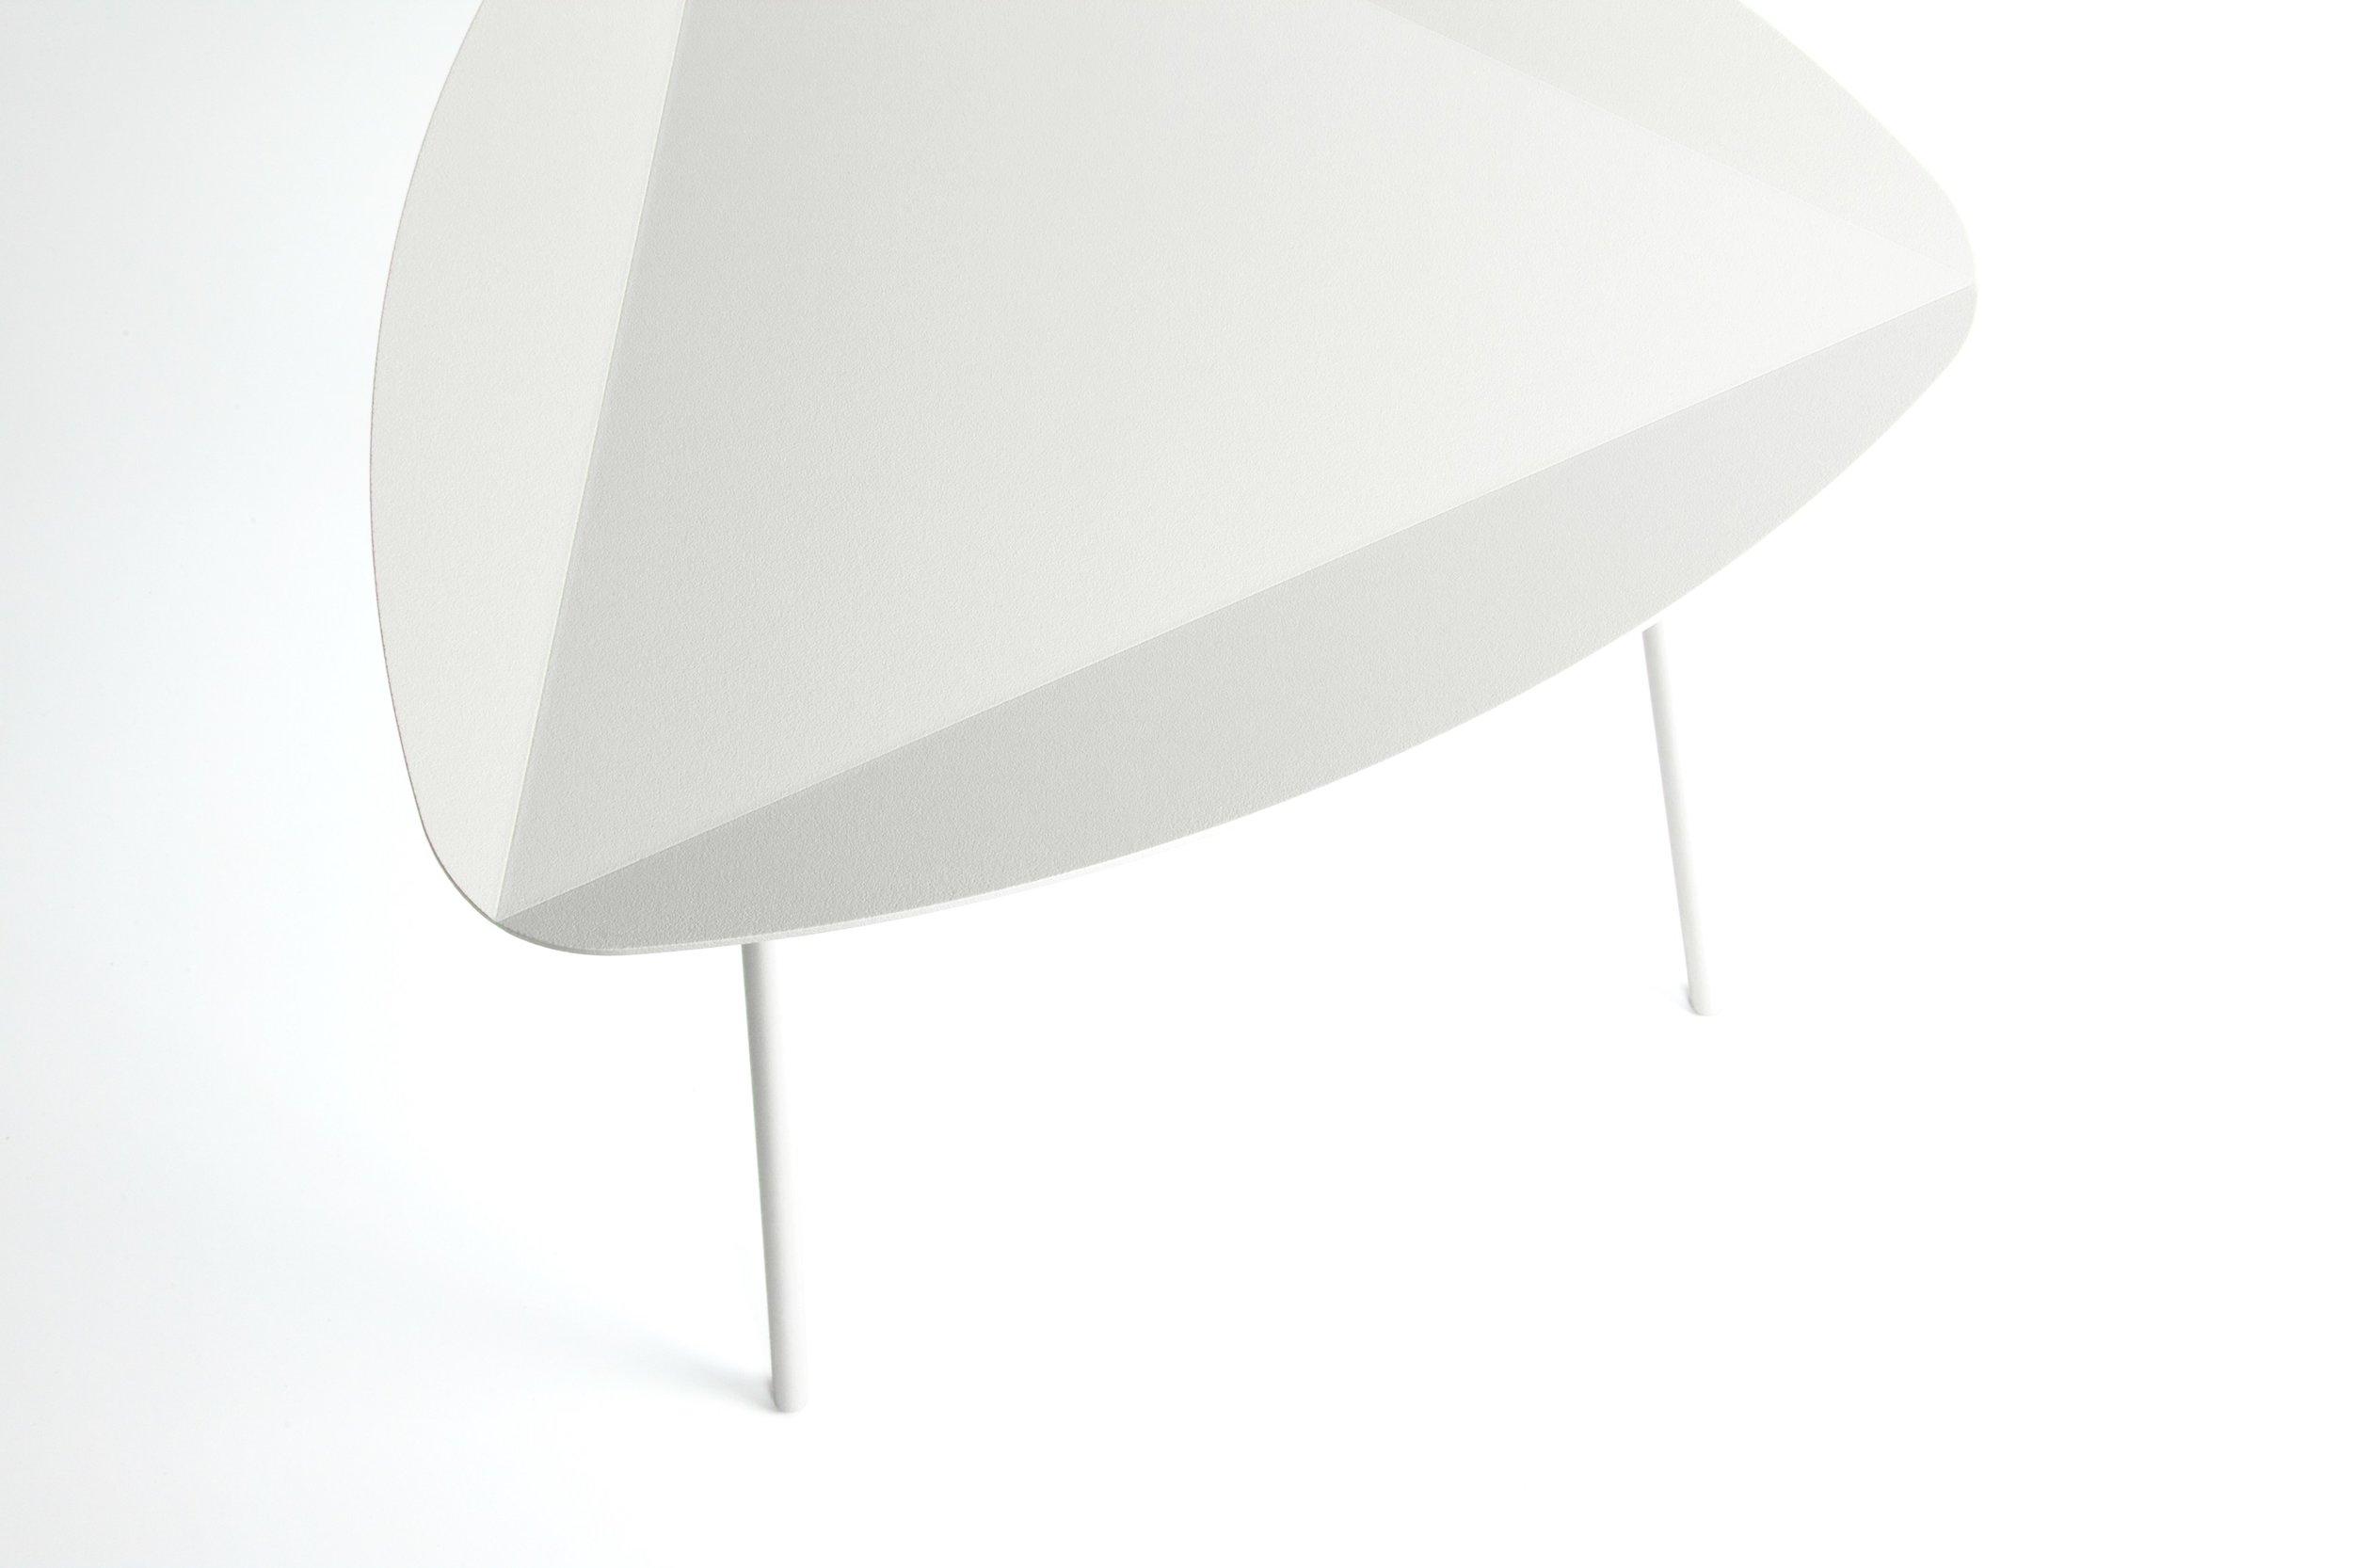 LEITO-Triangular-coffee-table-joval-238695-prel79e7c6e7.jpg